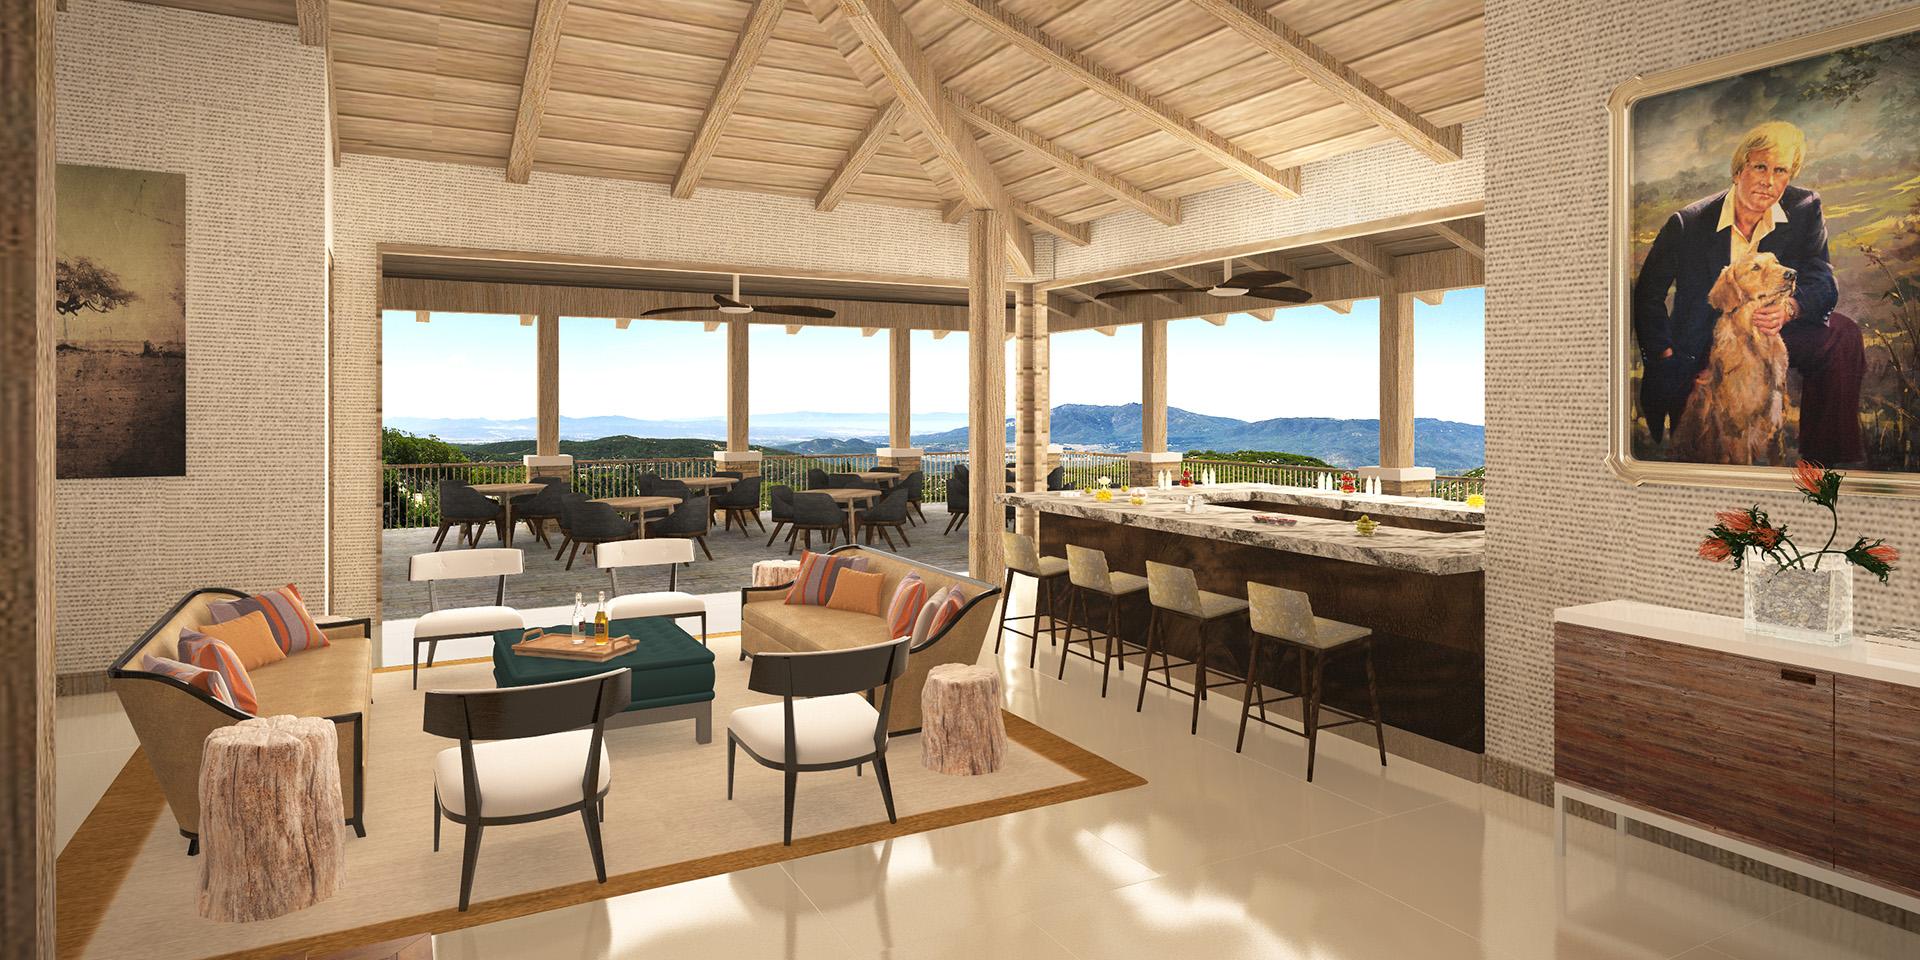 Lounge & Bar in Golf Club